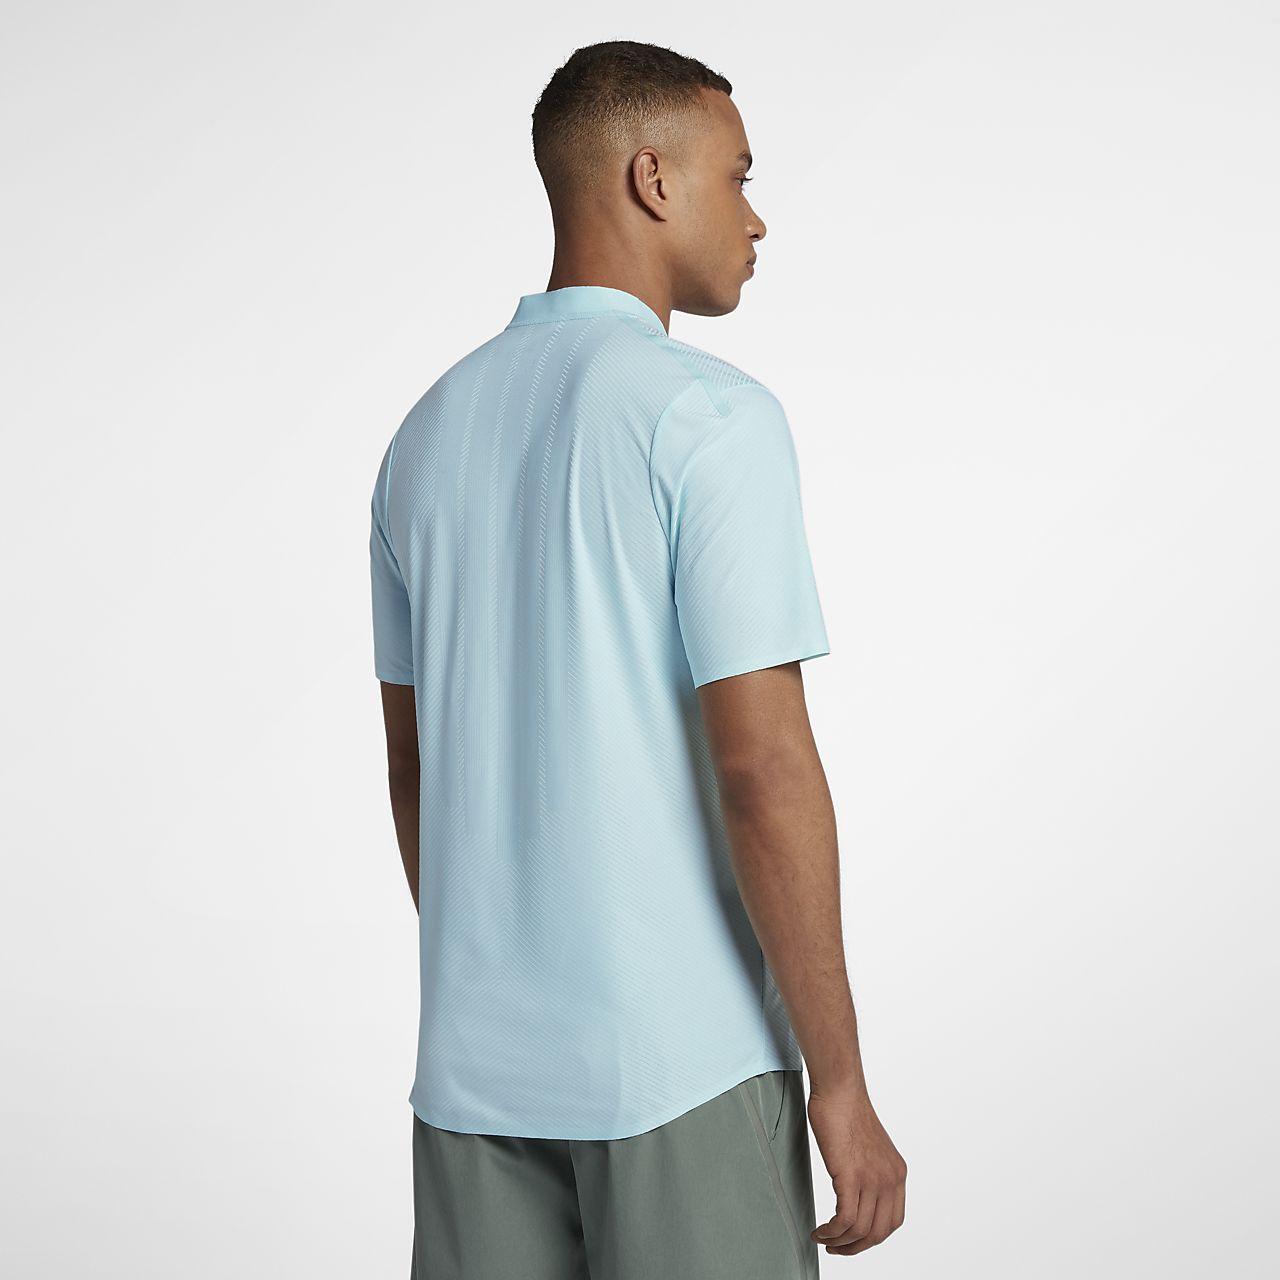 Nike - Court Zonal Cooling Advantage Hommes Tennis Polo (vert) - XL KTte5Un